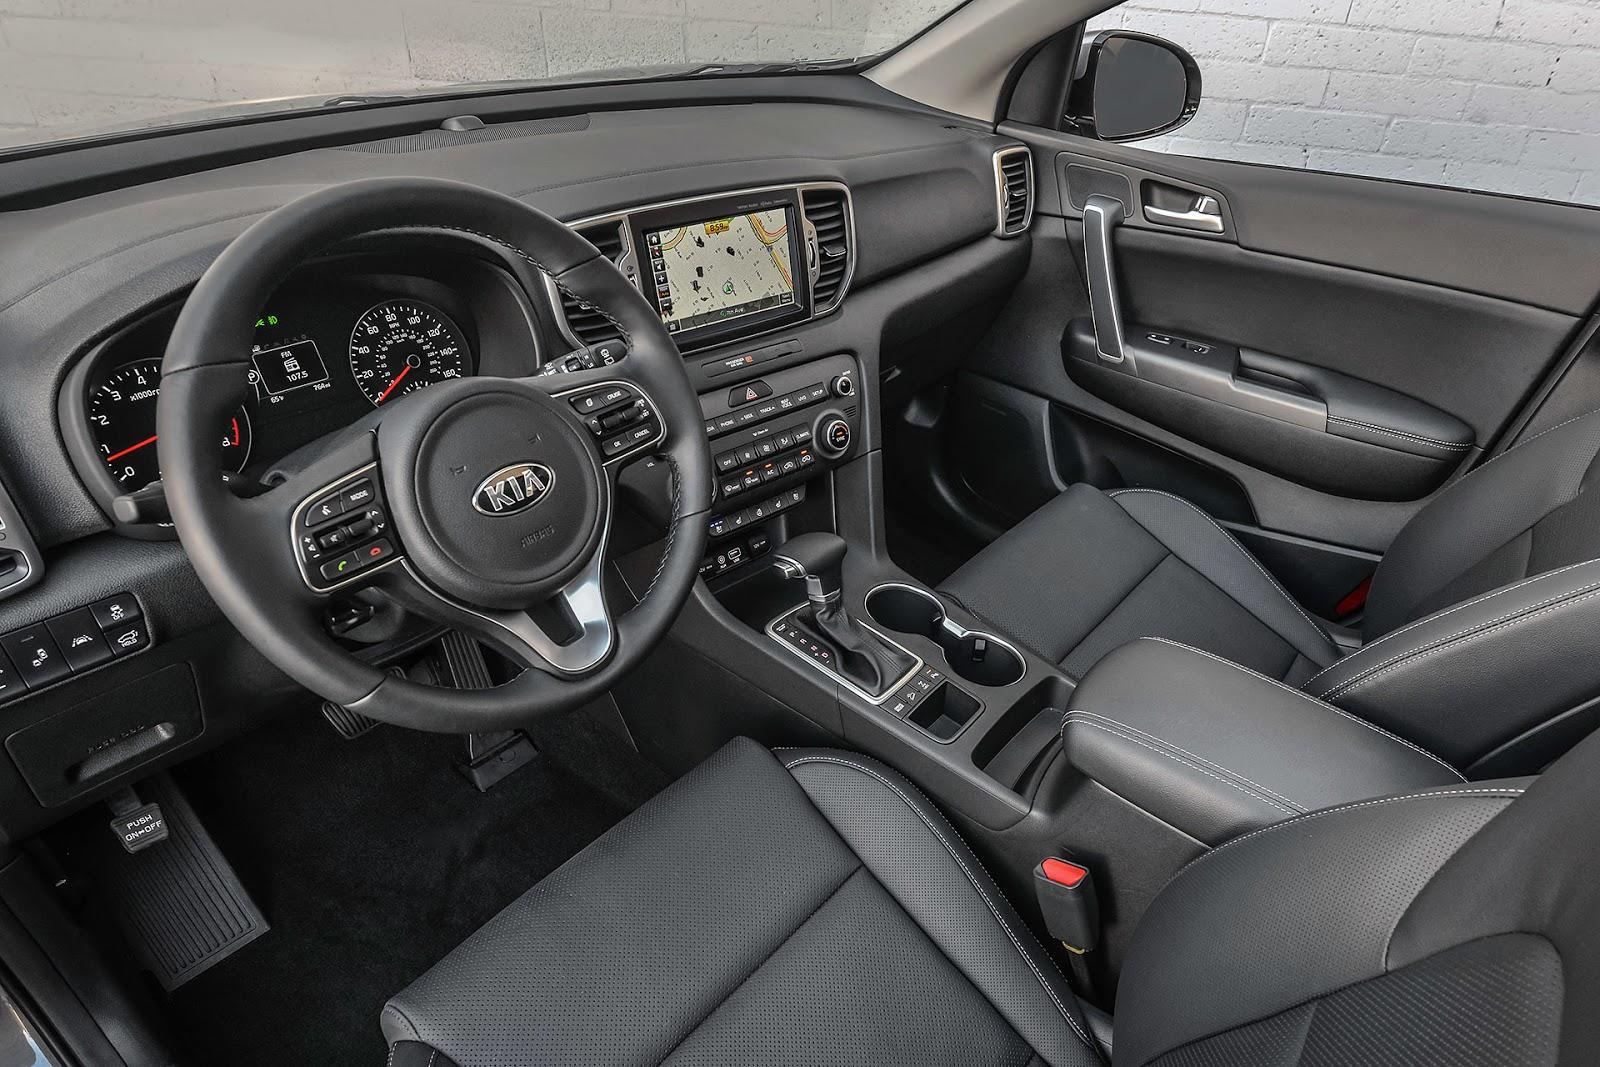 Khoang lái sang trọng, đơn giản, nhiều chức năng và tính năng giải trí vượt trội, vô lăng nhiều nút bấm tiện lợi, cảm nhận và trải nghiệm lái tốt